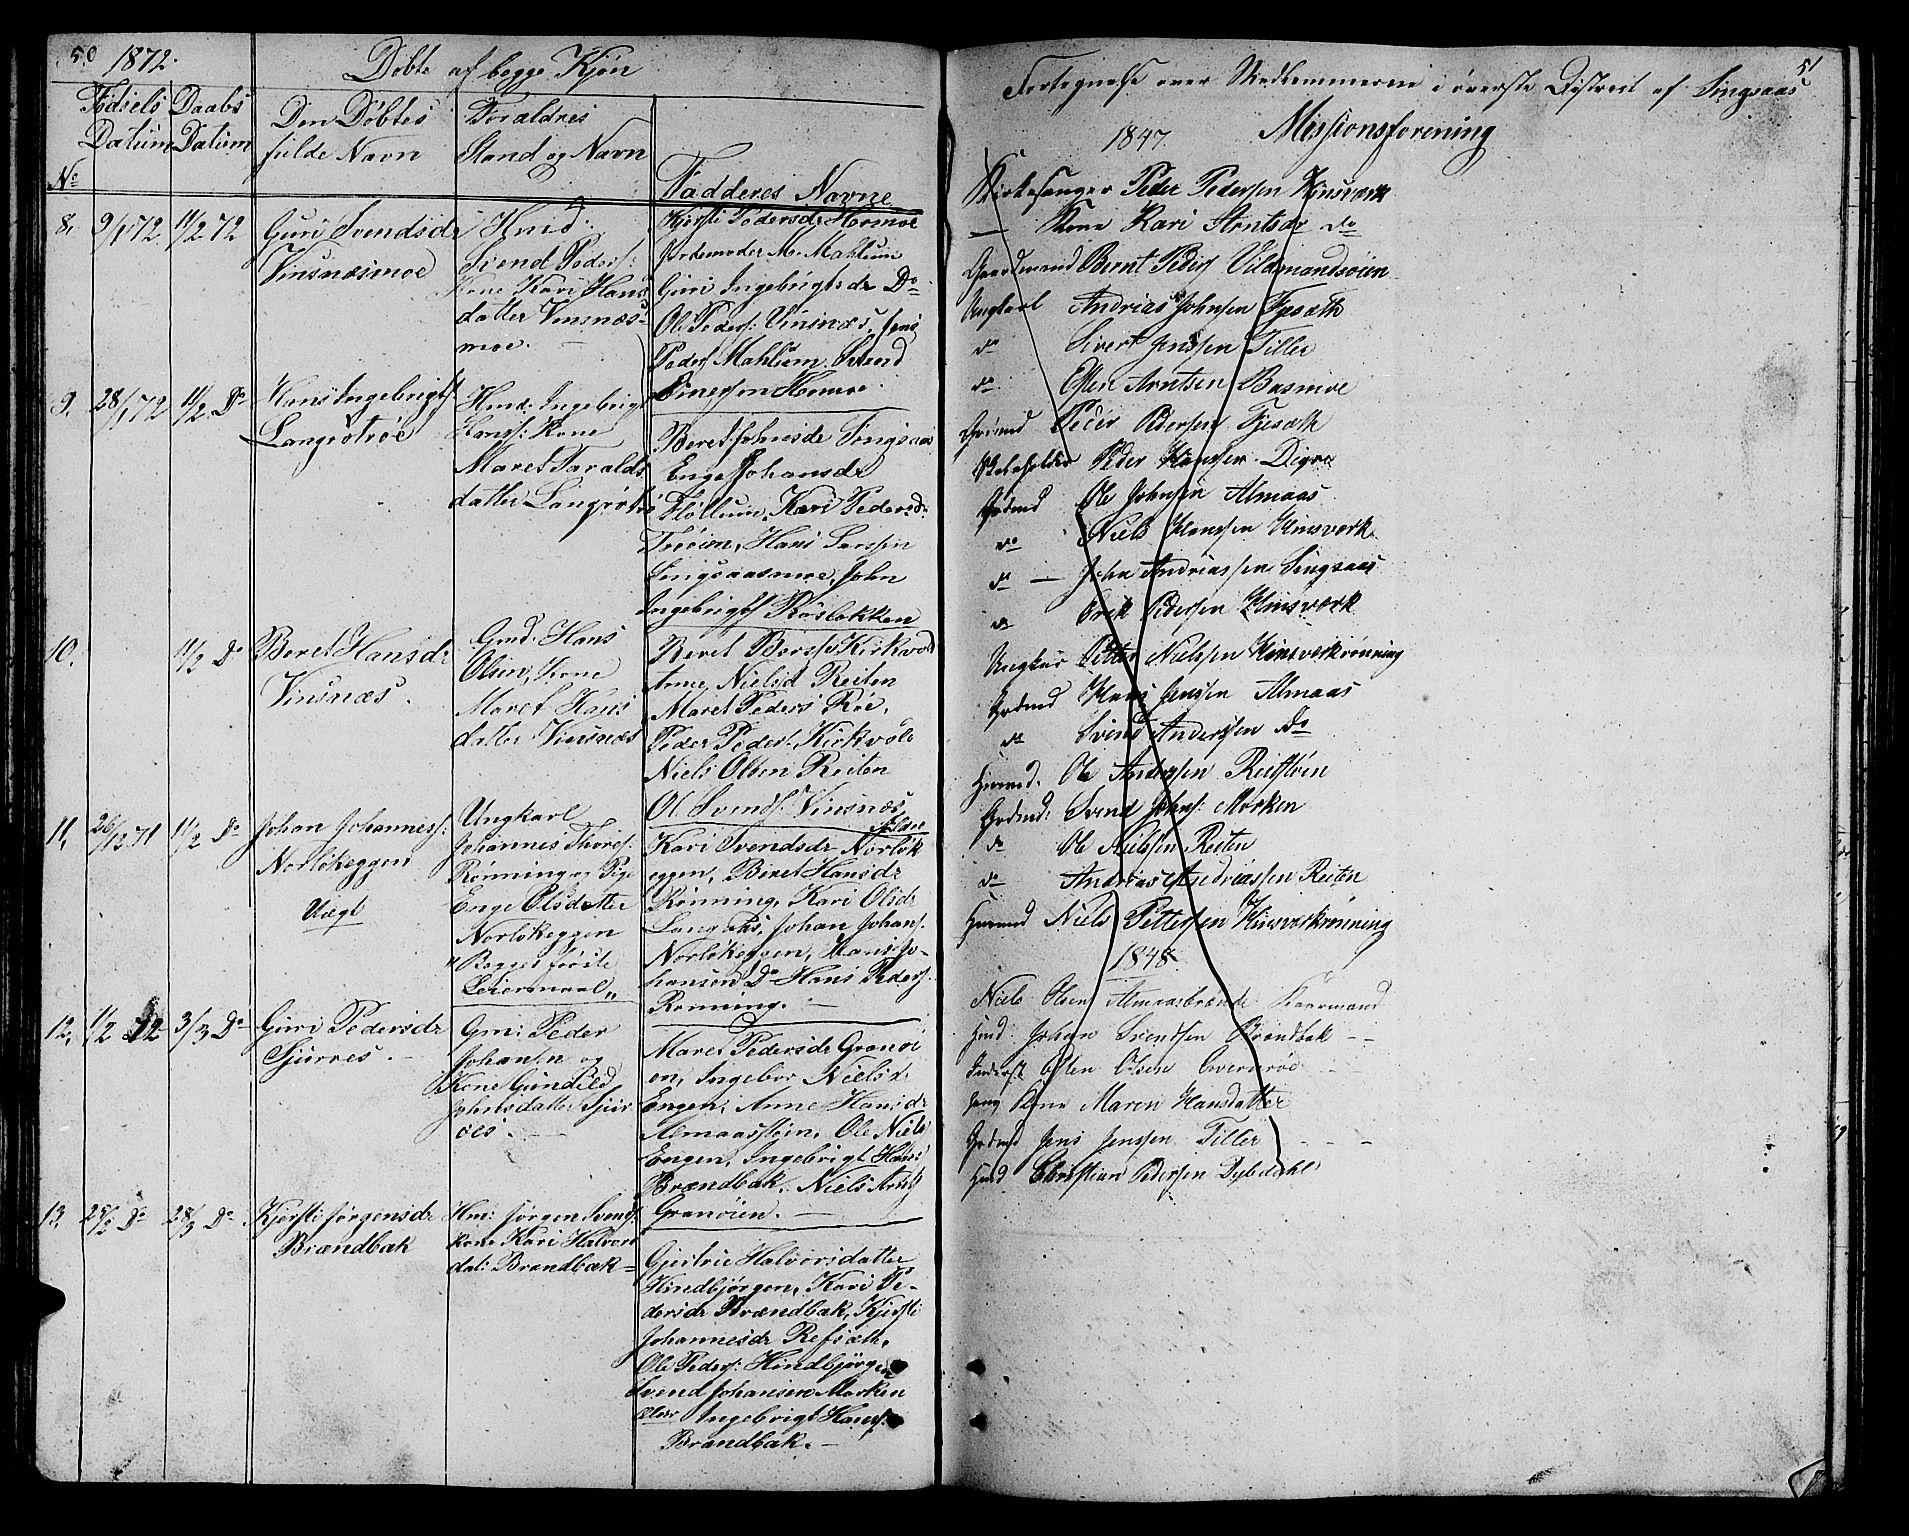 SAT, Ministerialprotokoller, klokkerbøker og fødselsregistre - Sør-Trøndelag, 688/L1027: Klokkerbok nr. 688C02, 1861-1889, s. 50-51